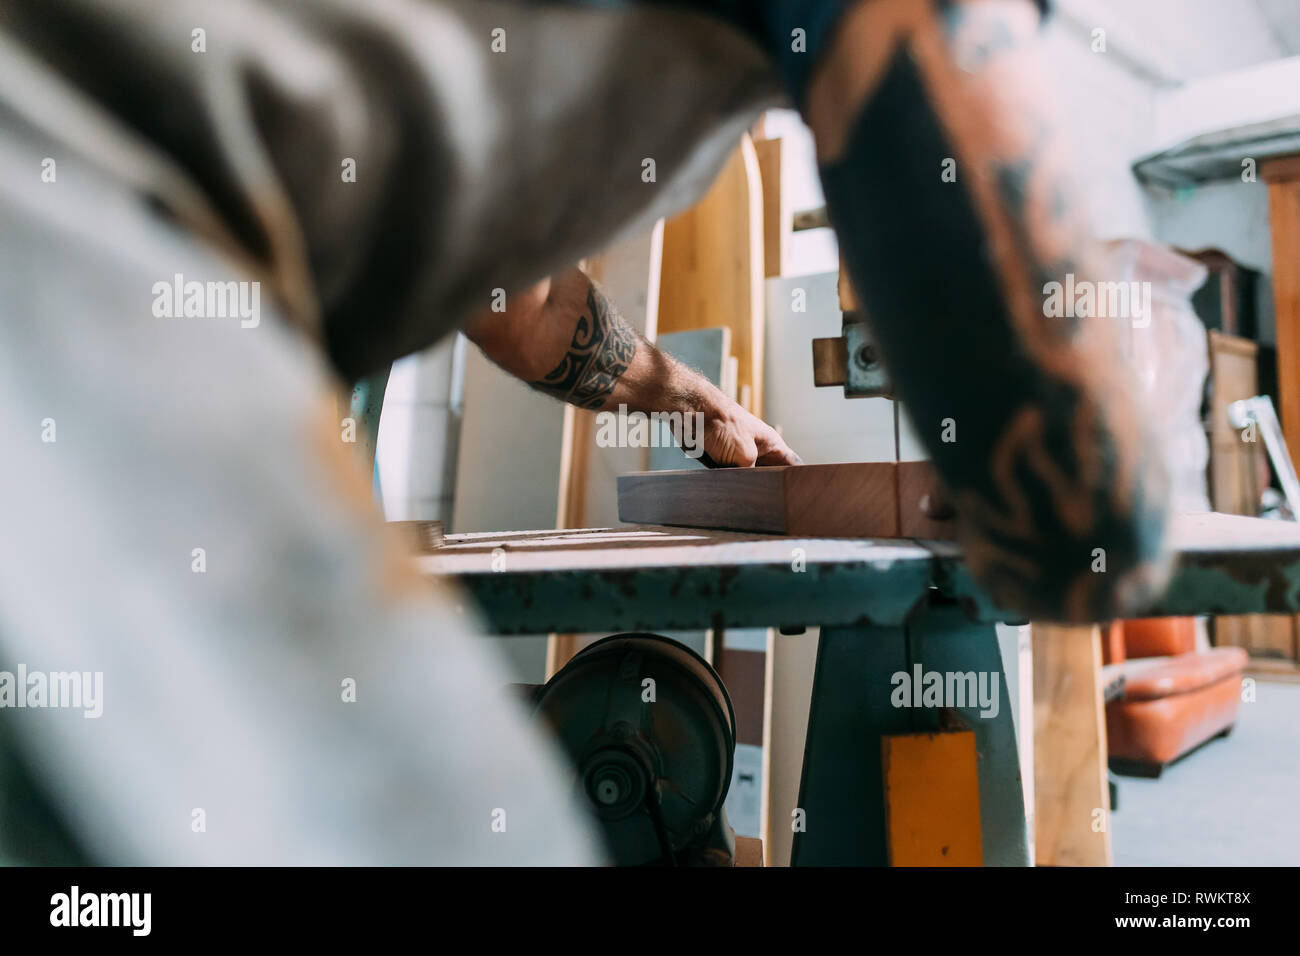 Ax arbeiten an Holz für ax Griff in der Werkstatt Stockfoto